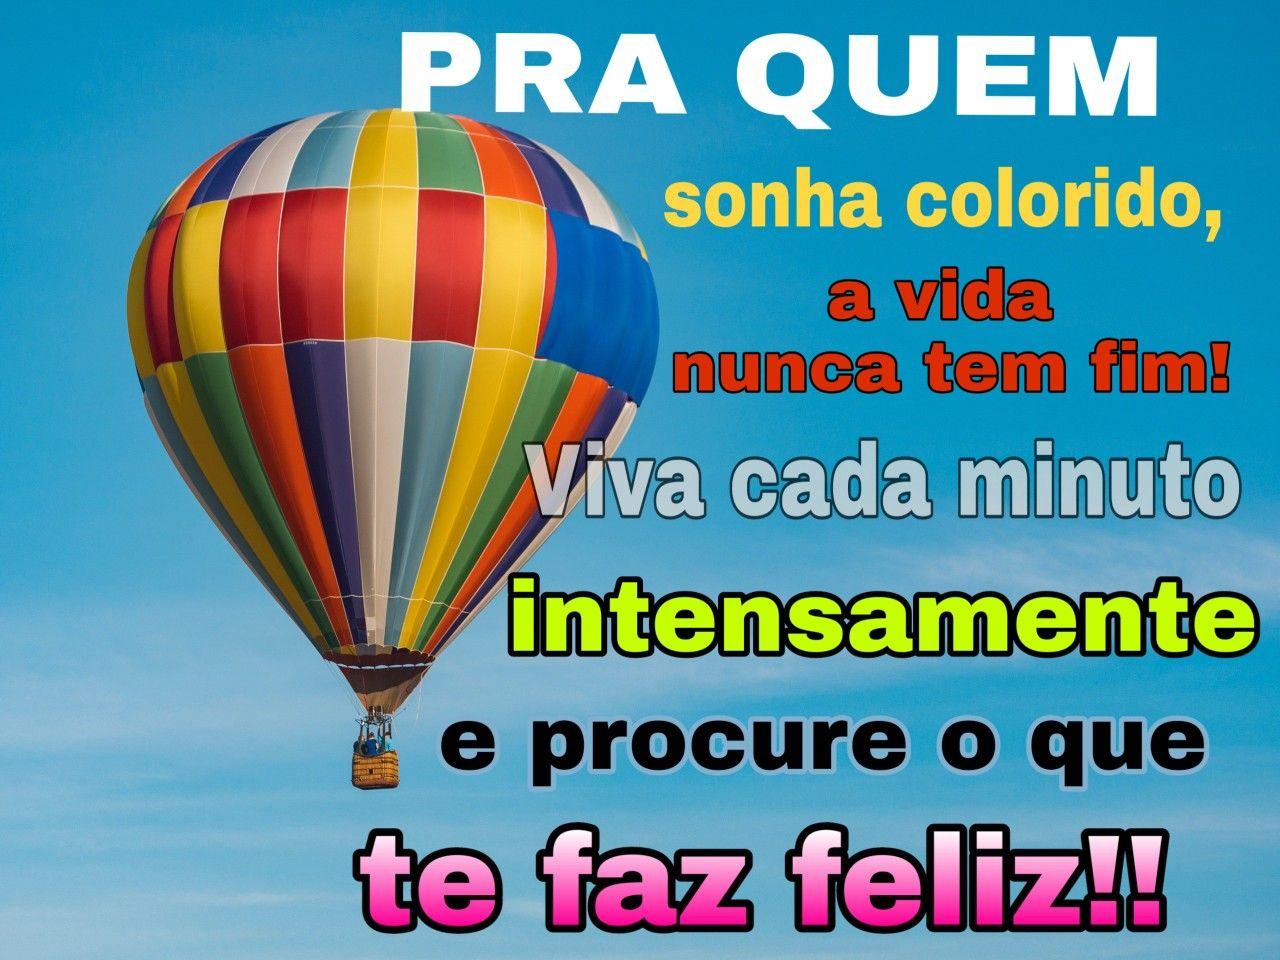 Pra Quem Sonha Colorido A Vida Nunca Tem Fim Viva Cada Minuto